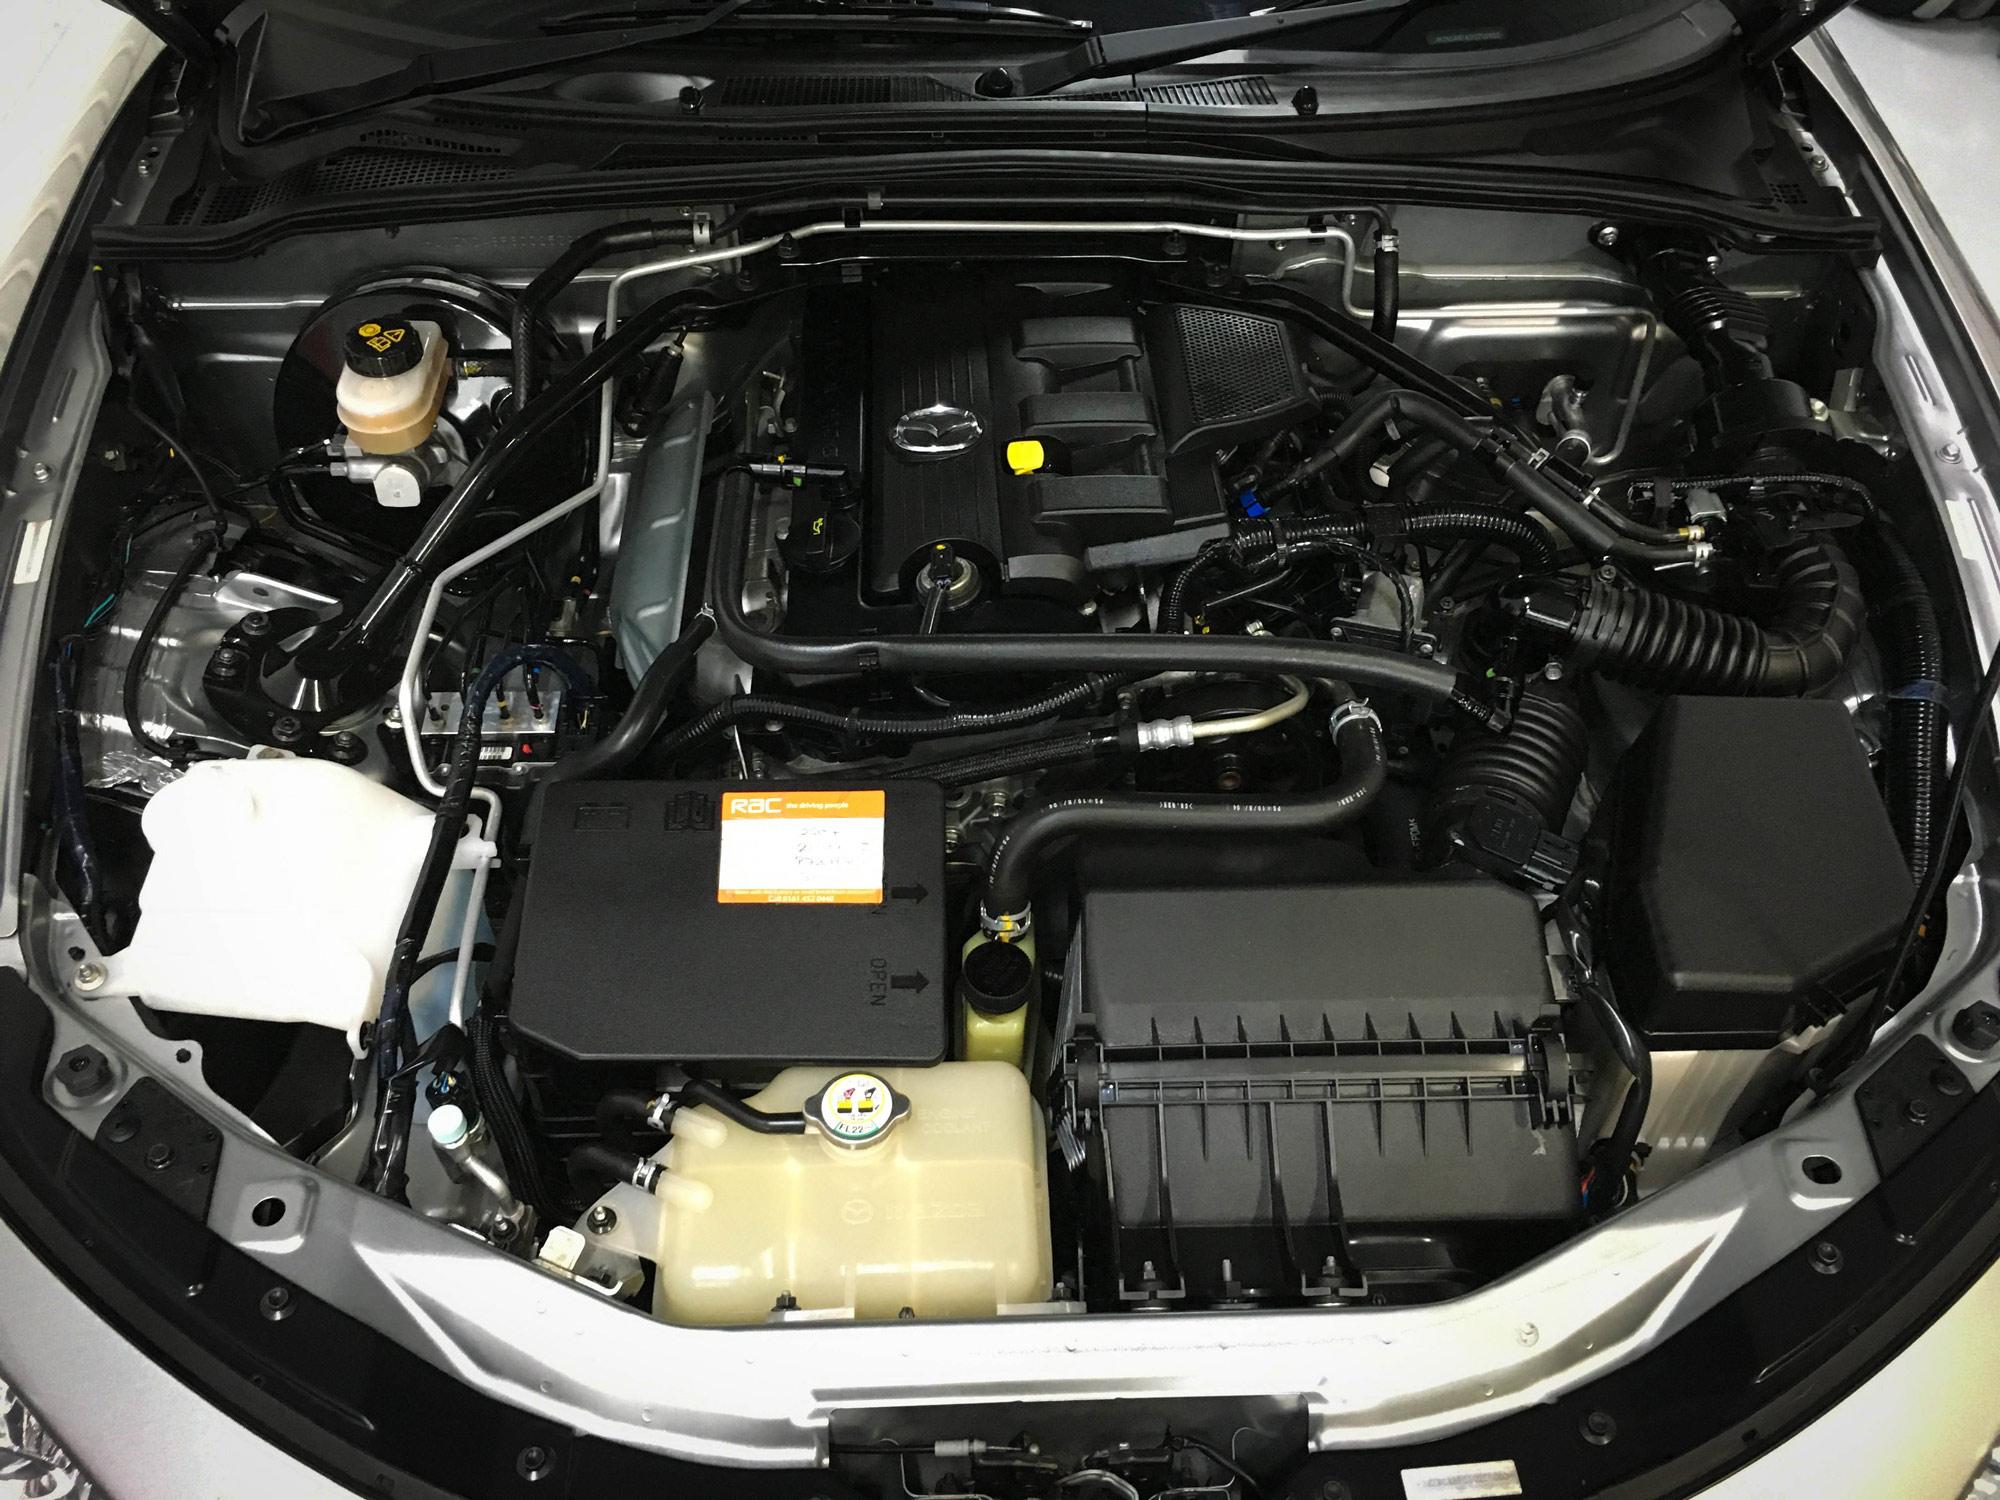 Mazda-mx5-engine